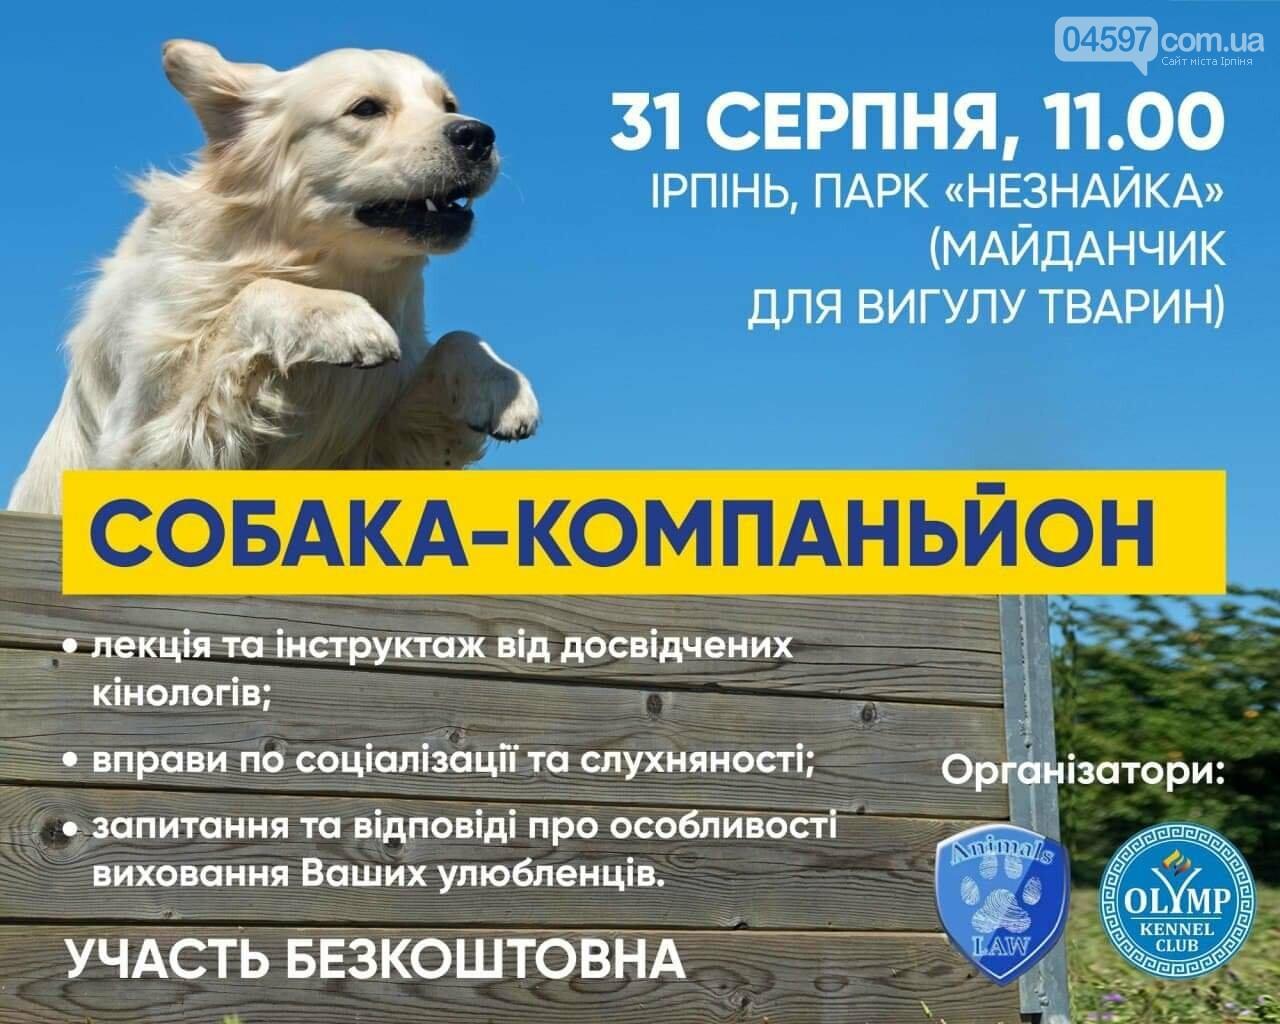 Собака-компаньйон: ірпінчан запрошують на безкоштовну лекцію , фото-1